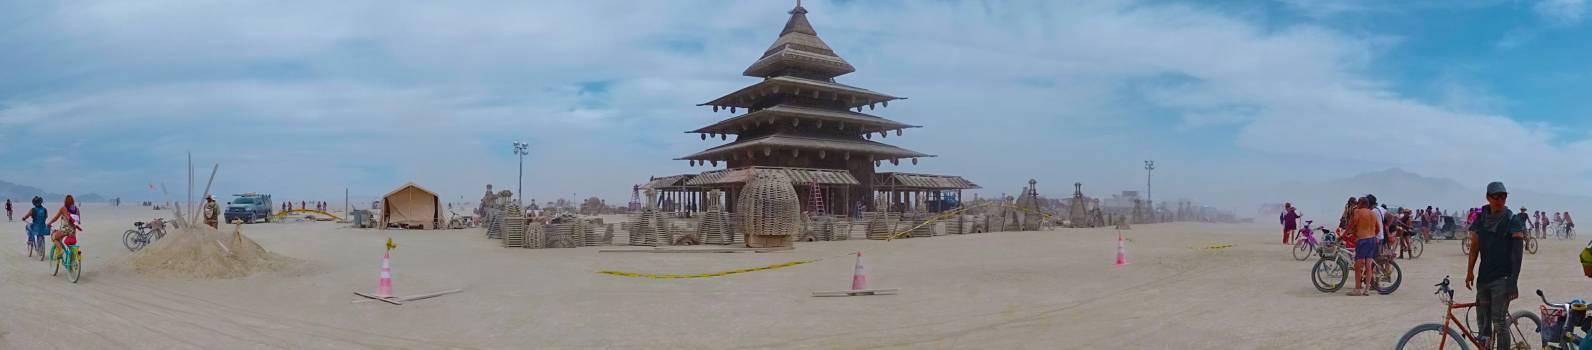 Temple Stupa Building #194148